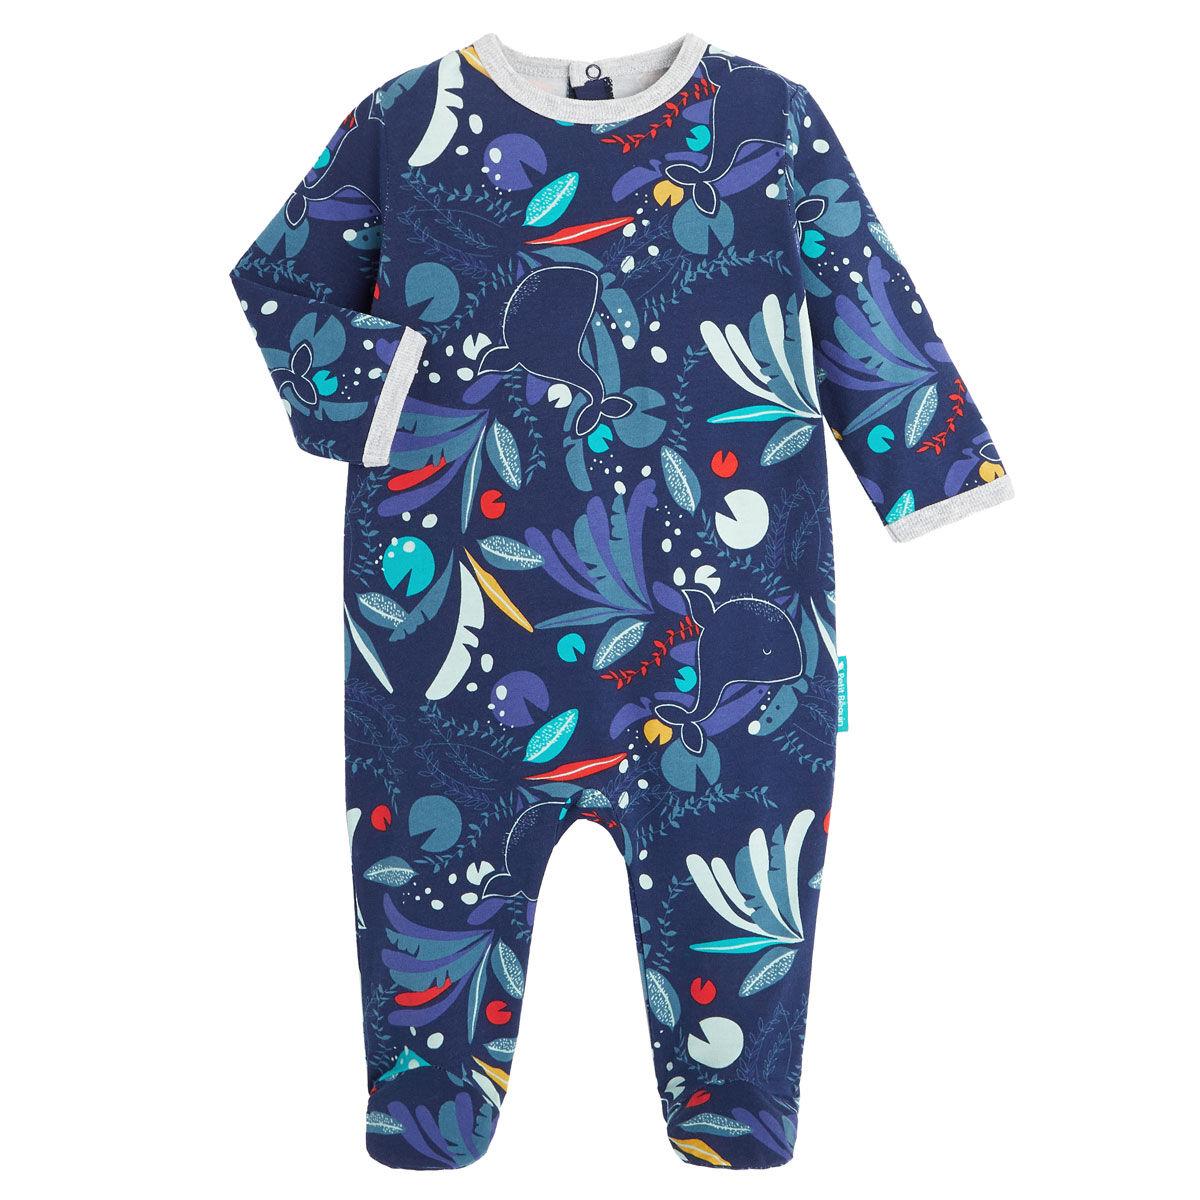 Petit Béguin Pyjama bébé contenant du coton bio Sea You - Taille - 18 mois